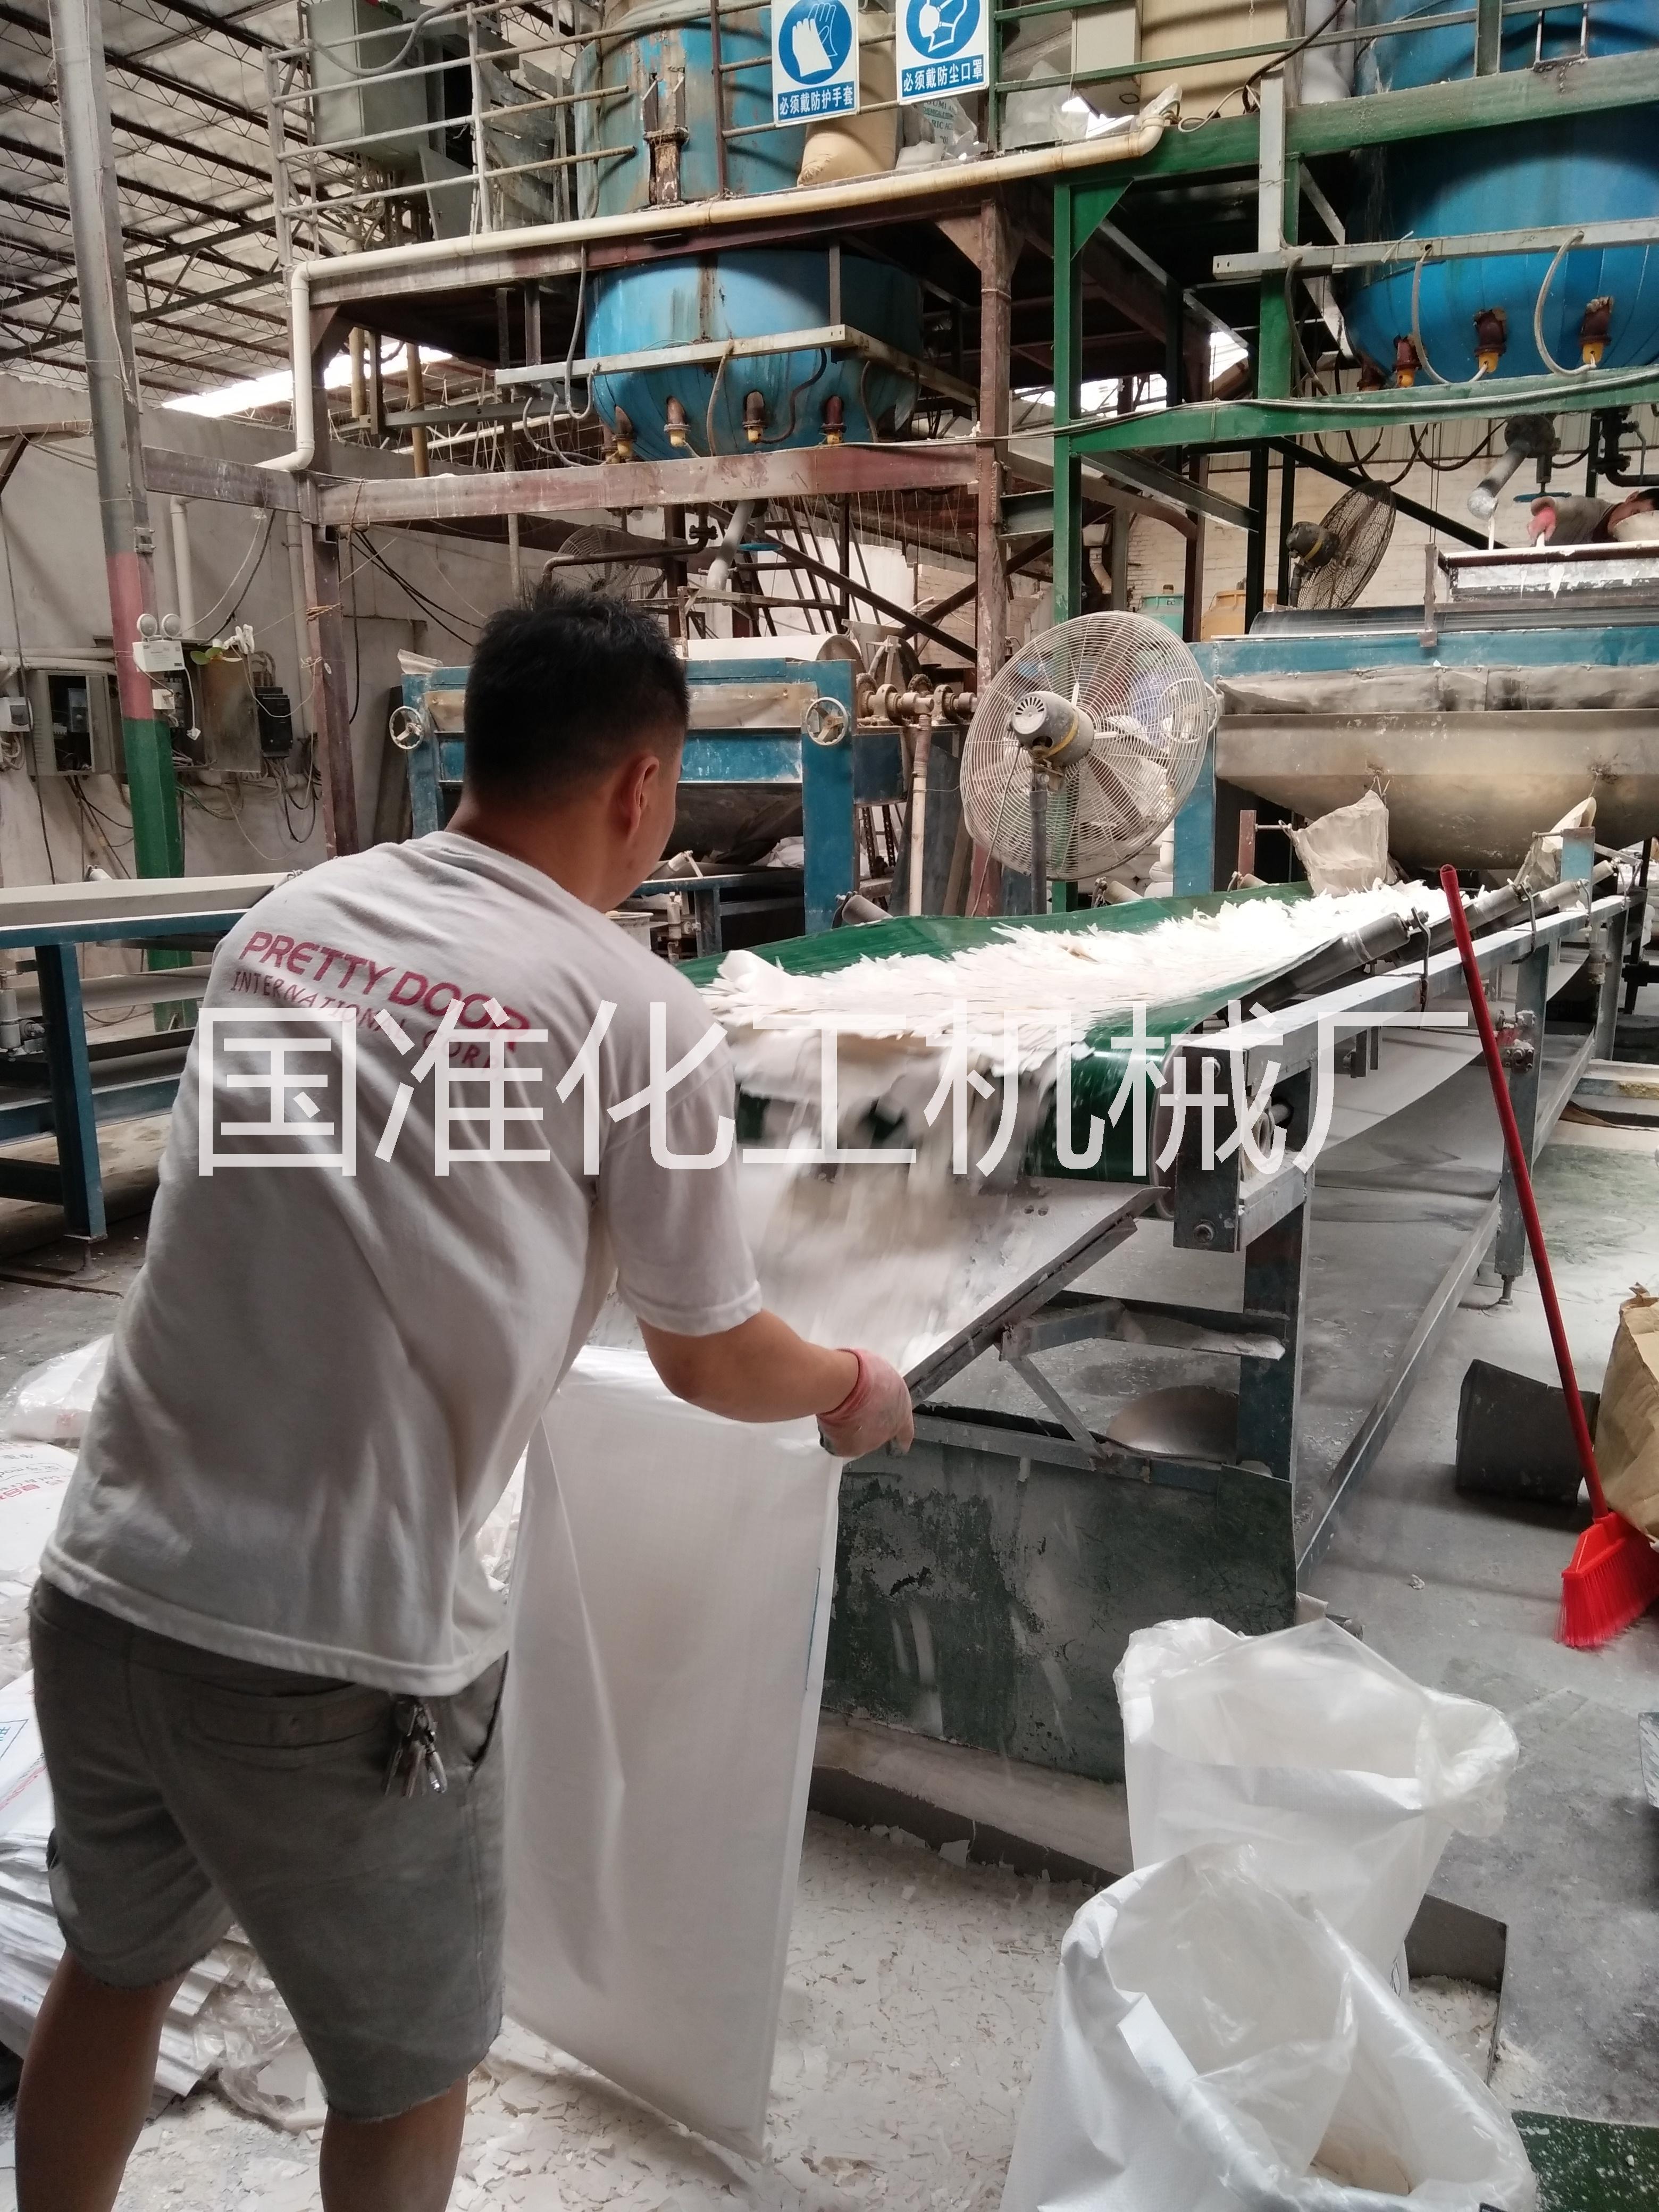 聚乙烯腊稳定剂原料,聚乙烯腊稳定剂原料批发加工,聚乙烯腊稳定剂